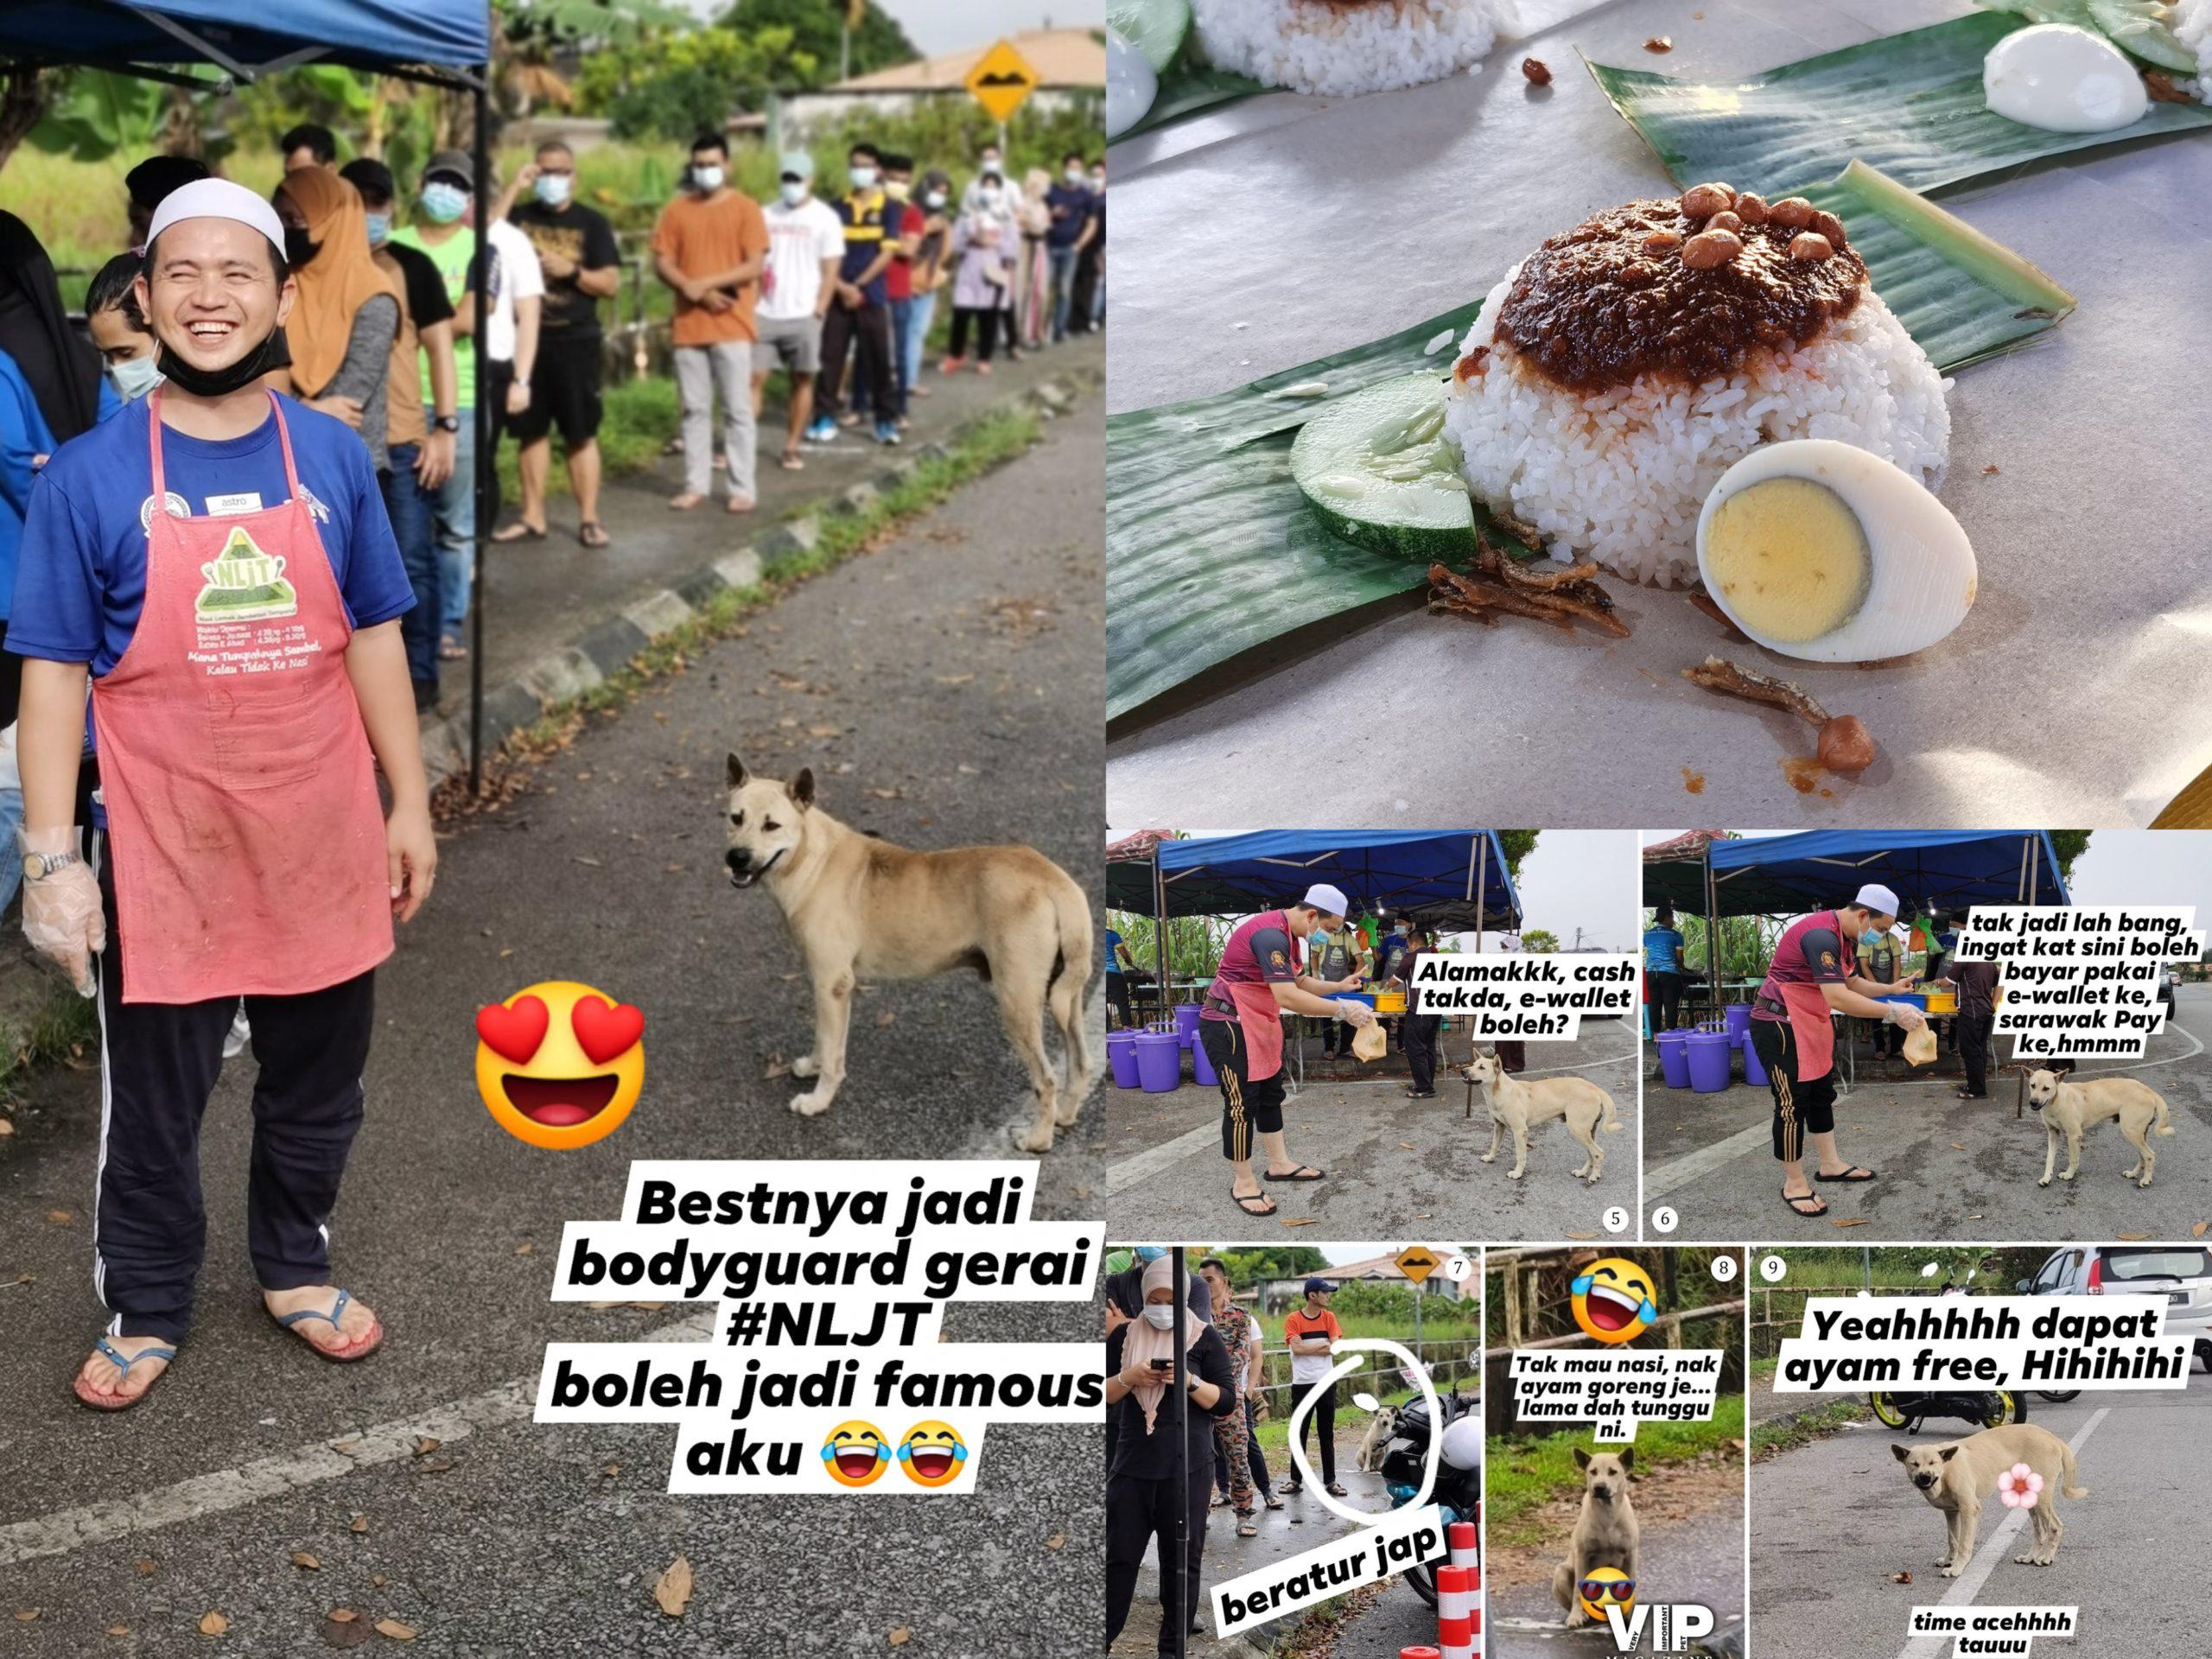 Penjual Nasi Lemak Viral Kerana Menolong Anjing Jalanan